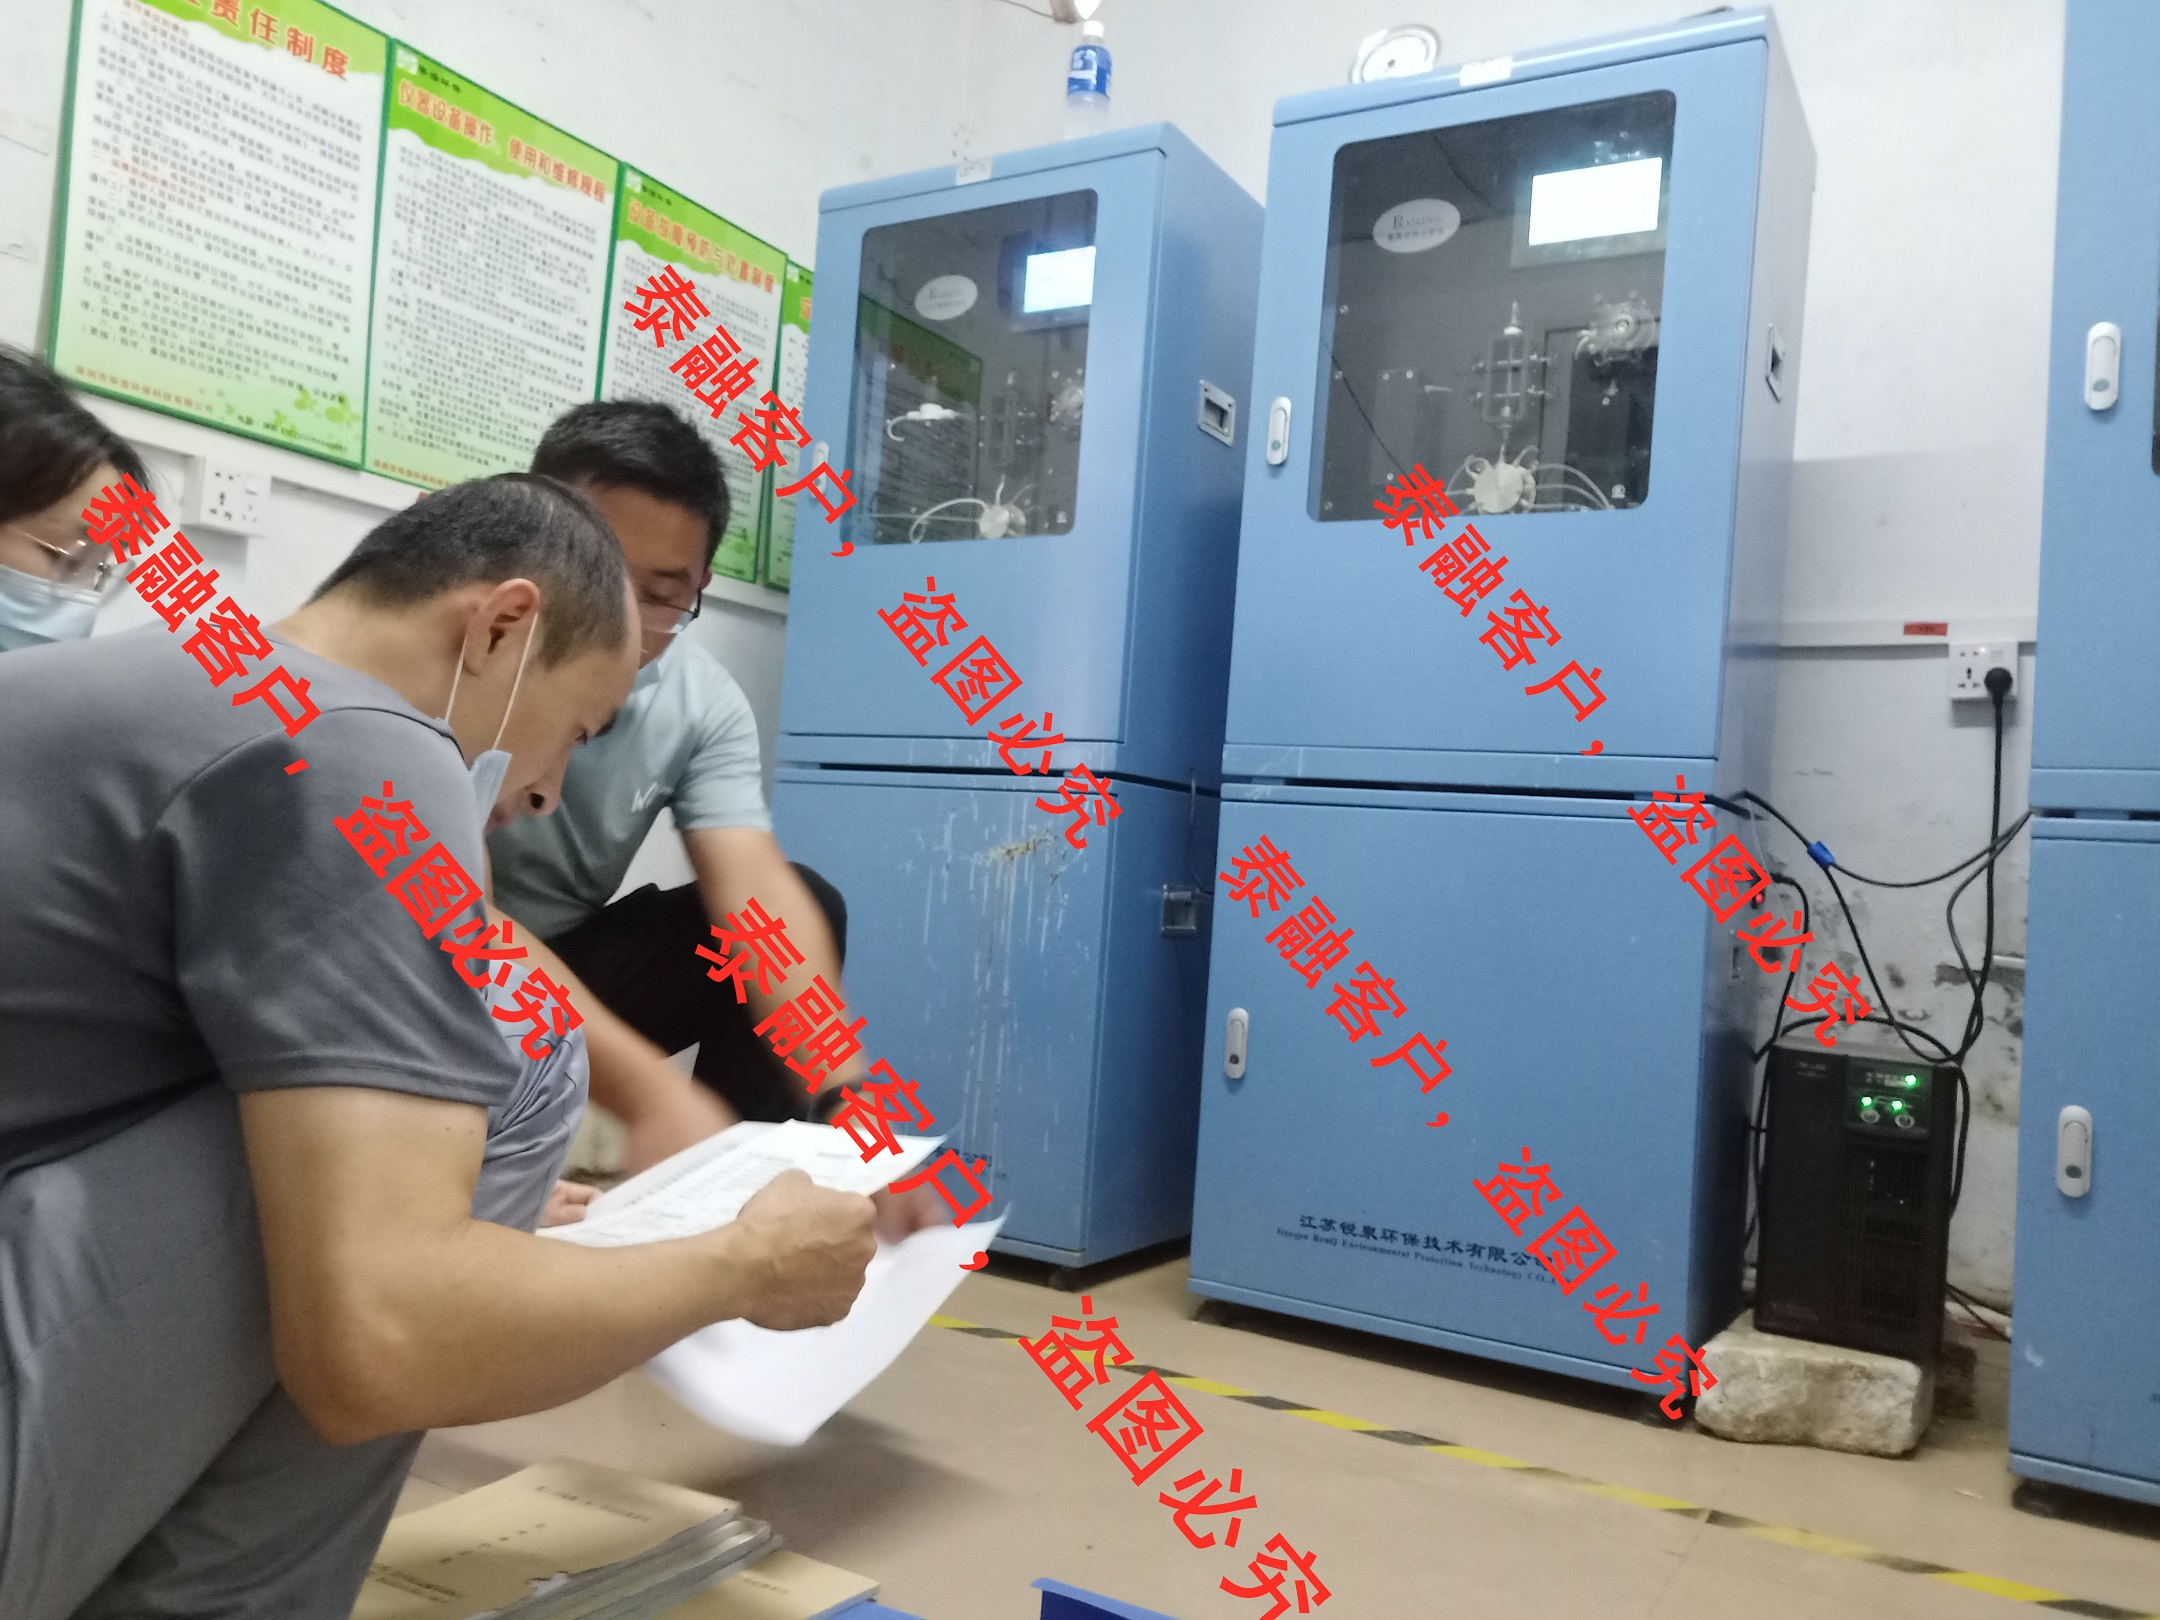 深圳市-在线监测系统运营服务认证 (1)